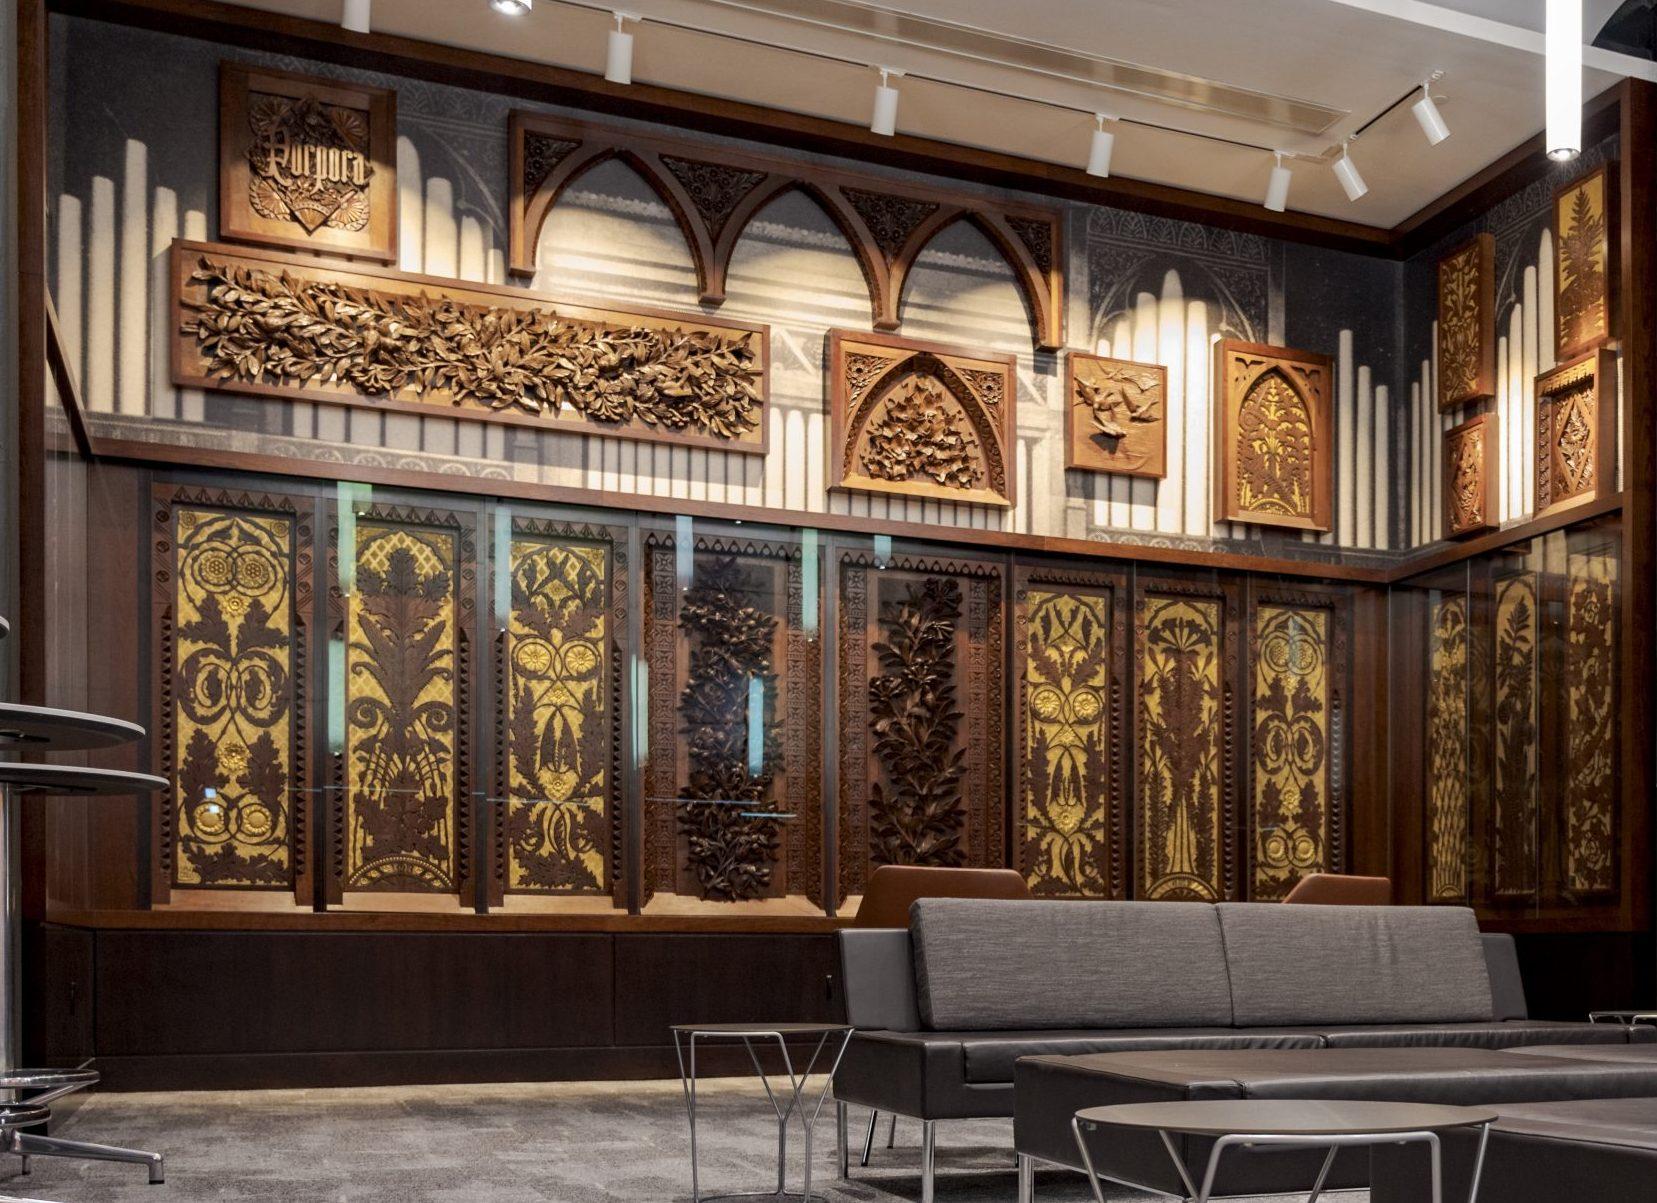 Wood Carvings on display in Taft Suite Inside Cincinnati Music Hall